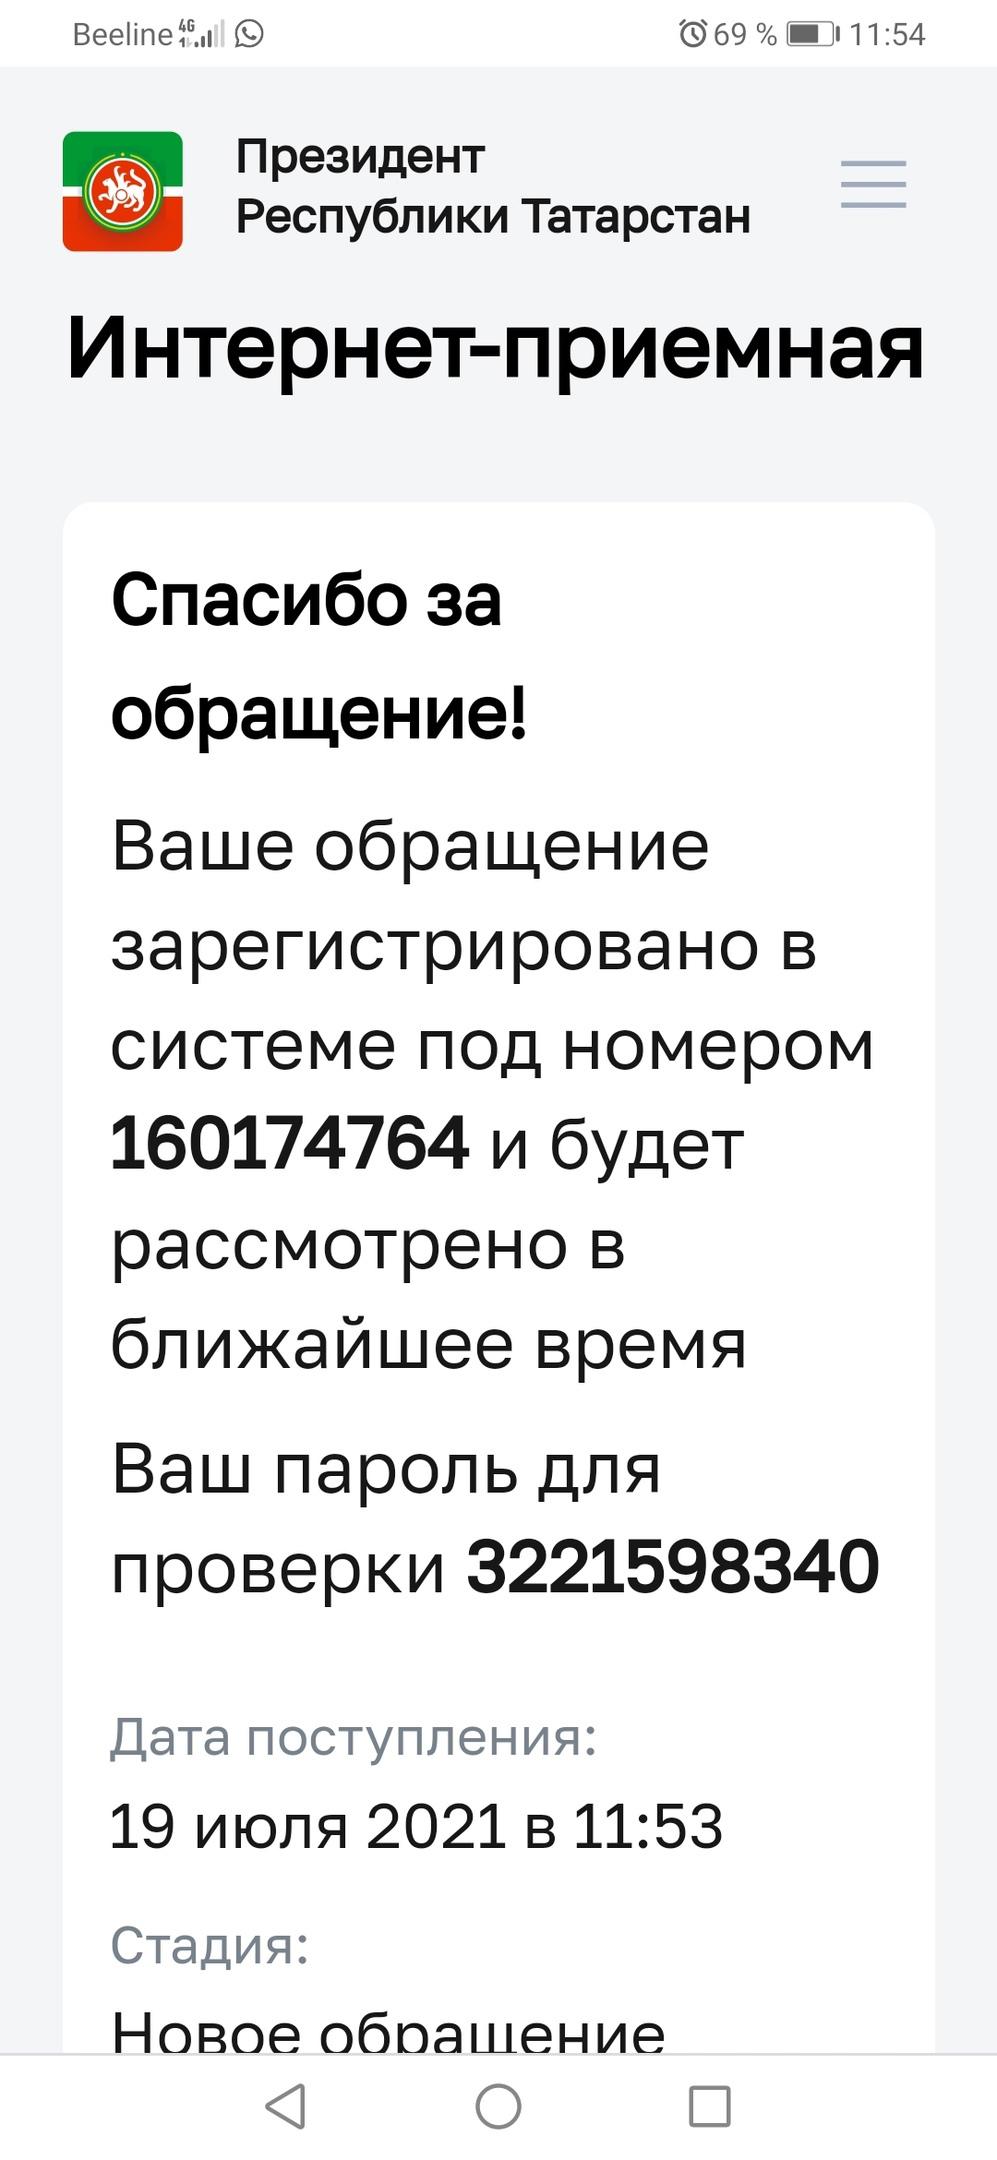 Написала обращение президенту РТ Миннехановупо поводу ЭКОЛОГИИ в Набережных Челн...